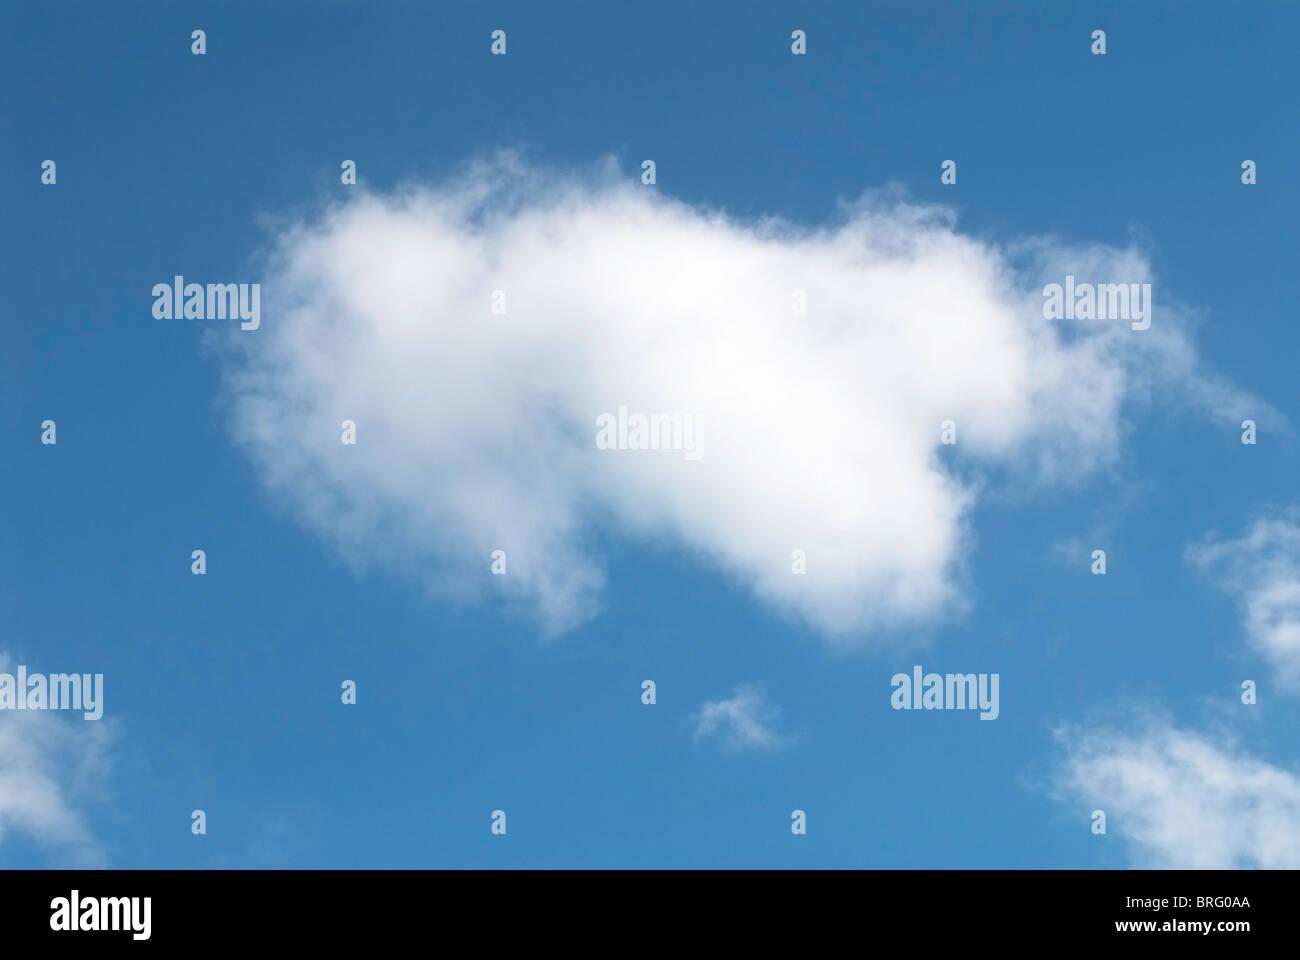 Esponjosas nubes y el cielo azul Imagen De Stock